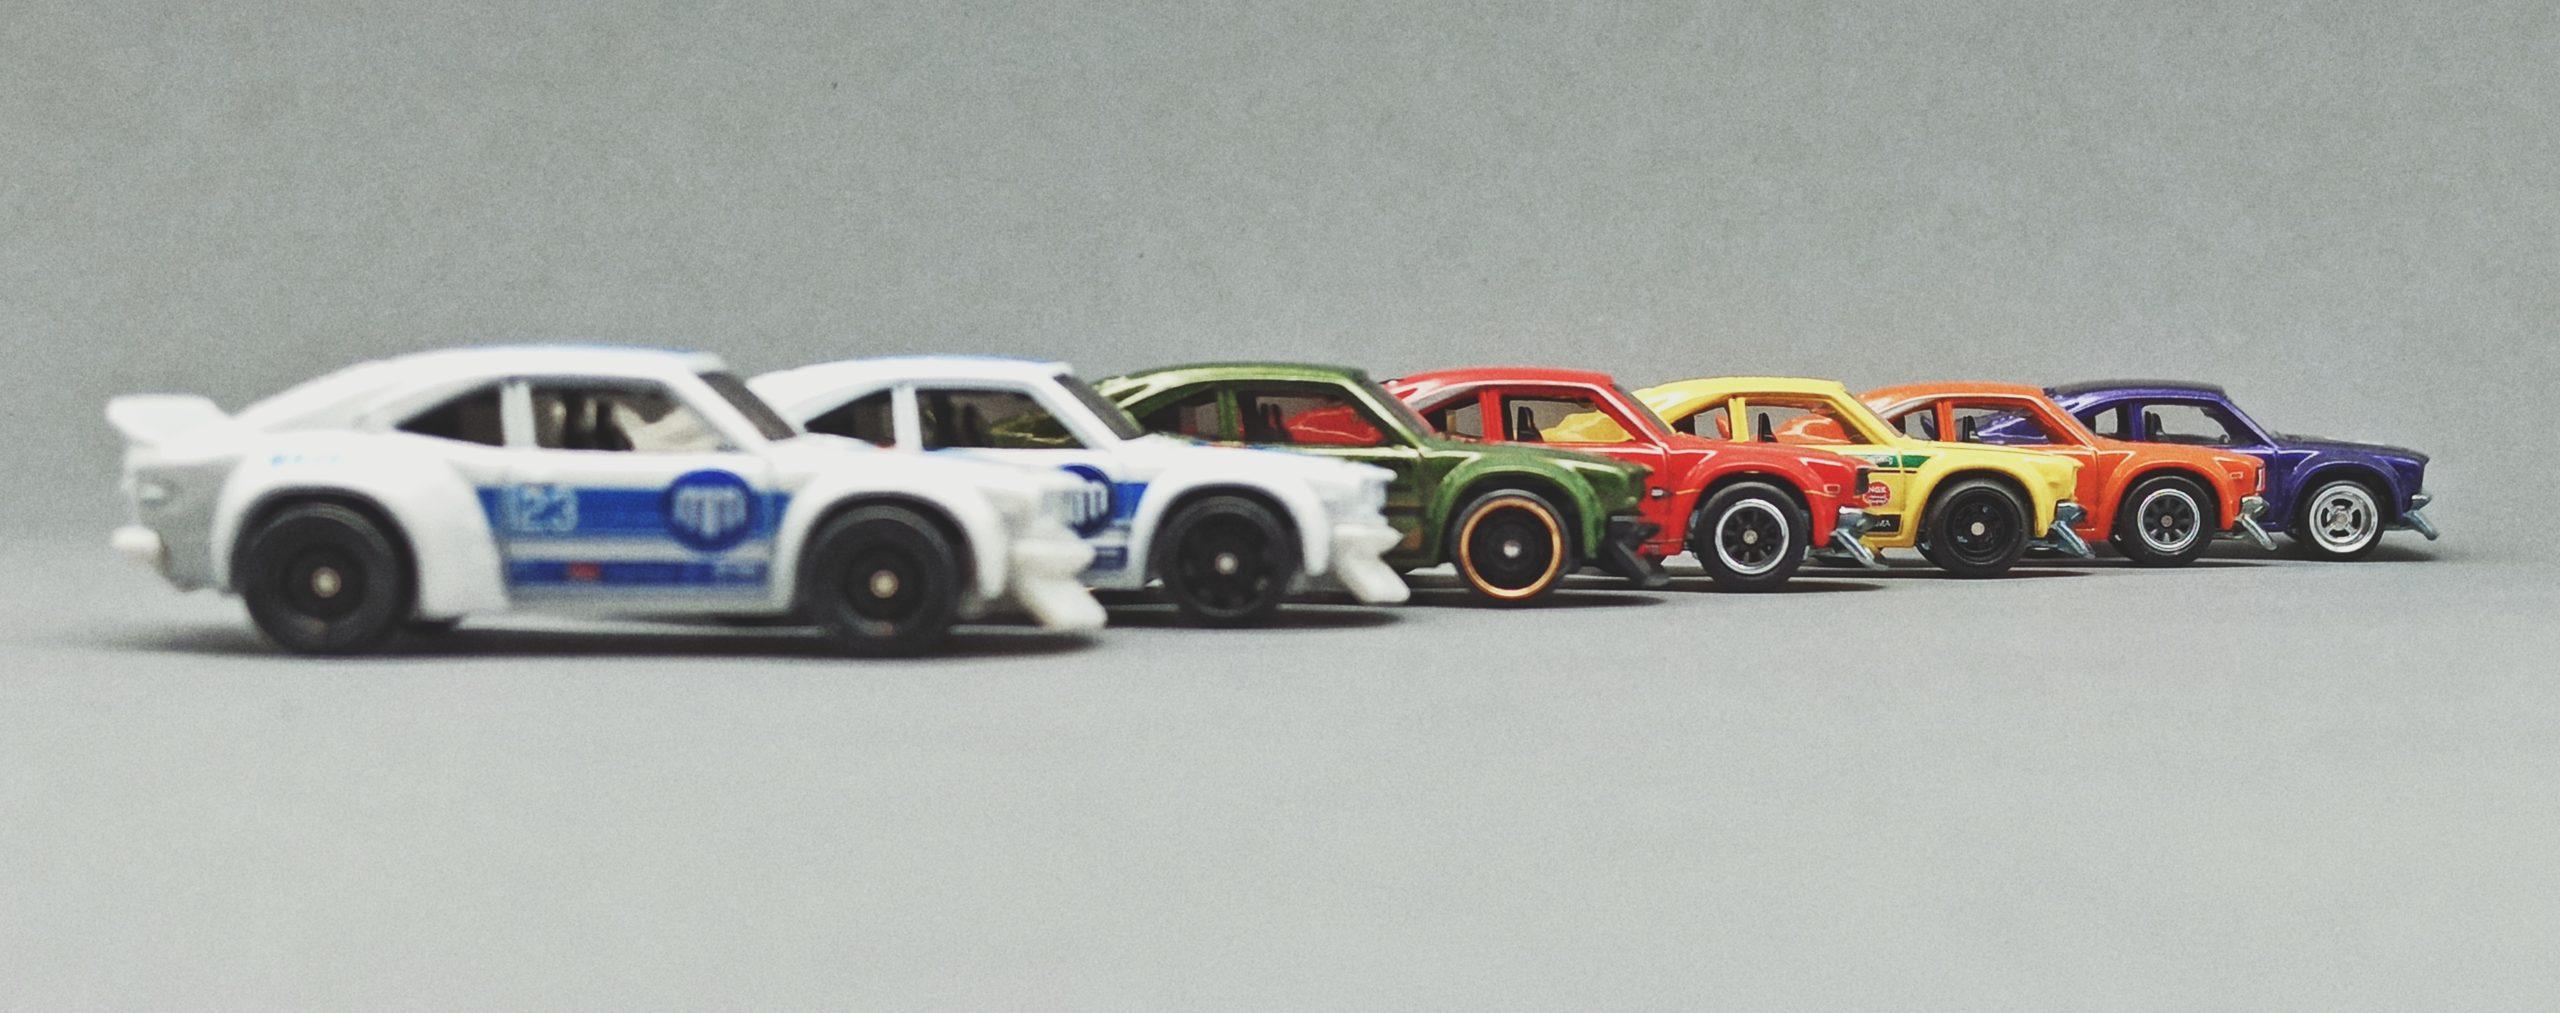 Hot Wheels Mazda RX-3 Collection Car Culture Japan Historics Fast & Furious Super Treasure Hunt